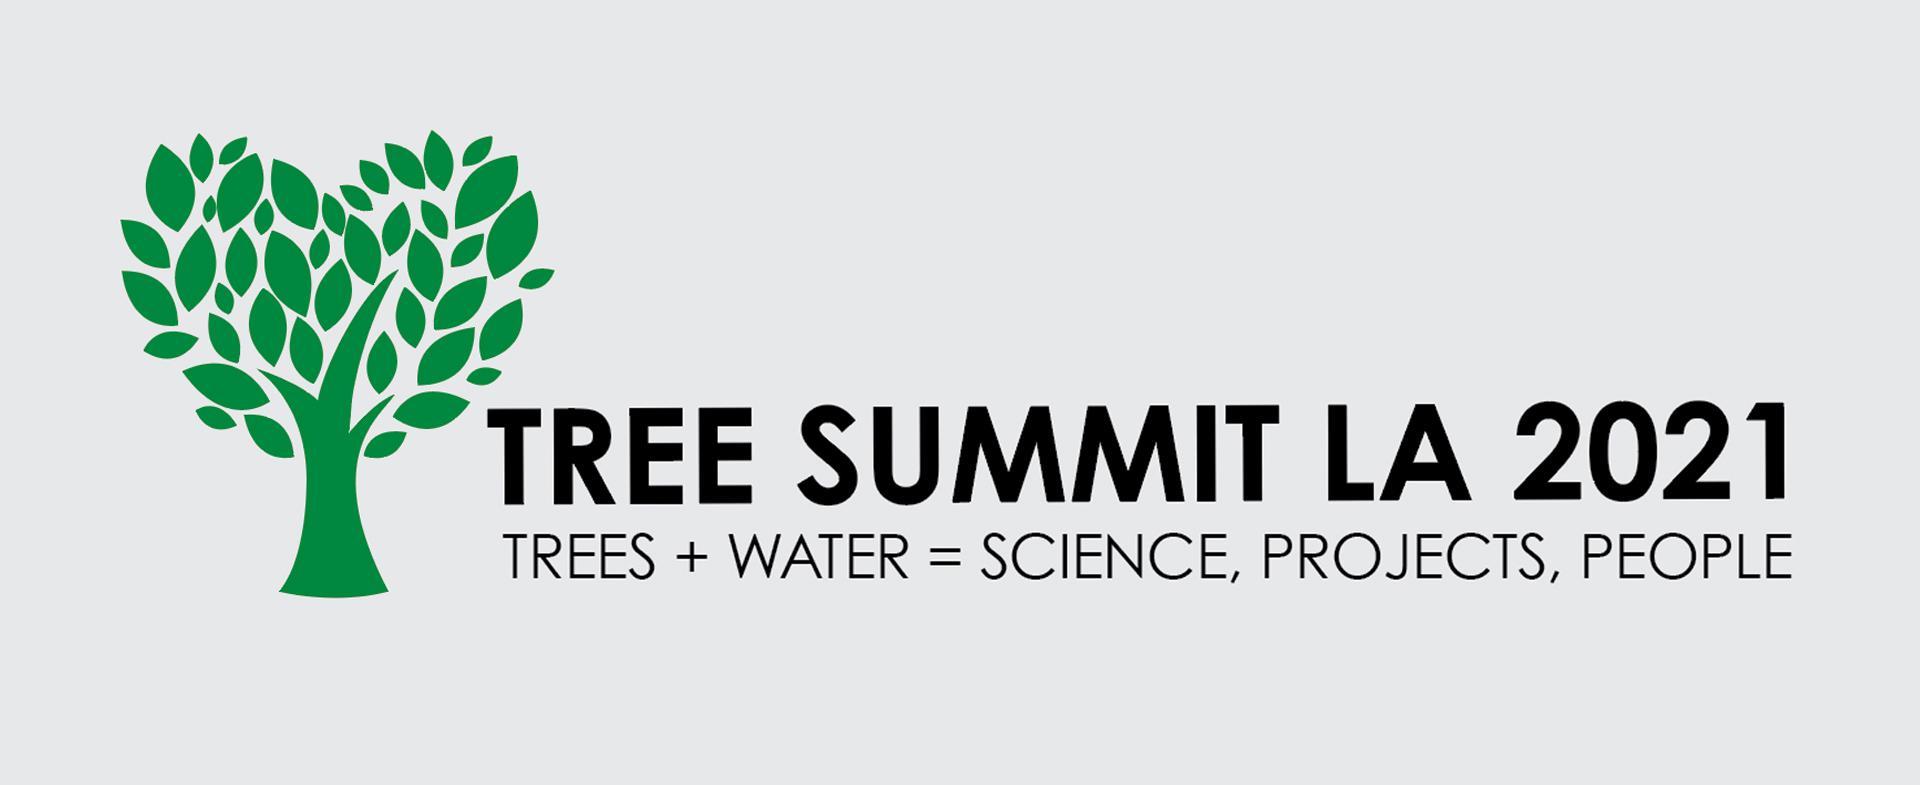 LA Tree Summit 2021